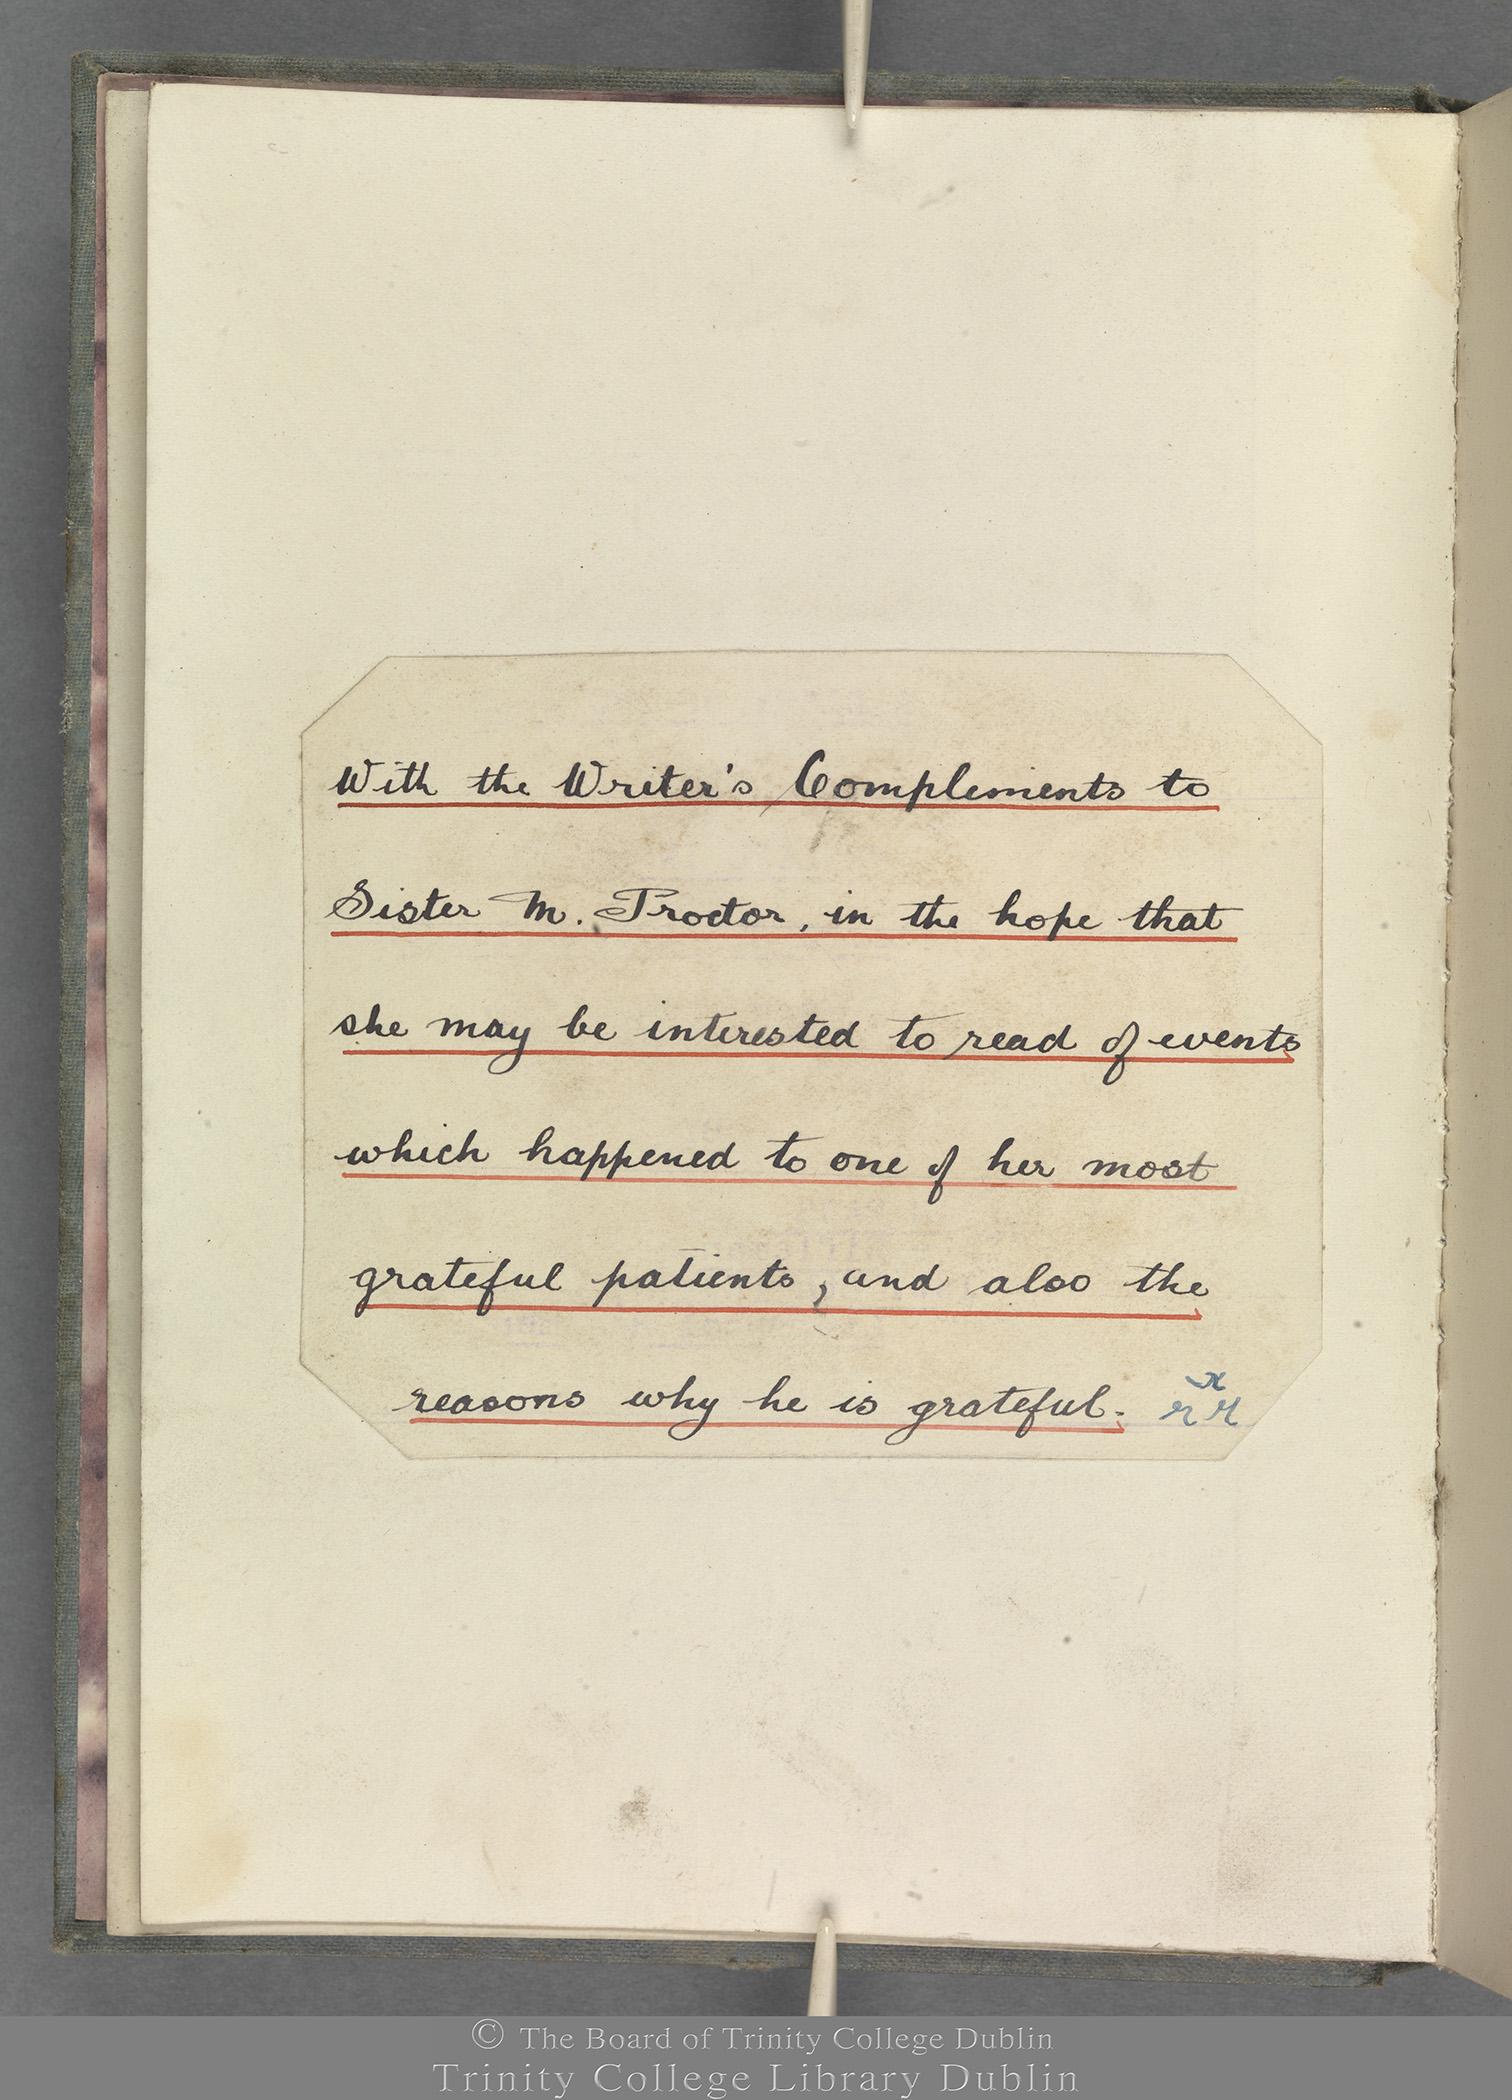 TCD MS 10853 folio i verso